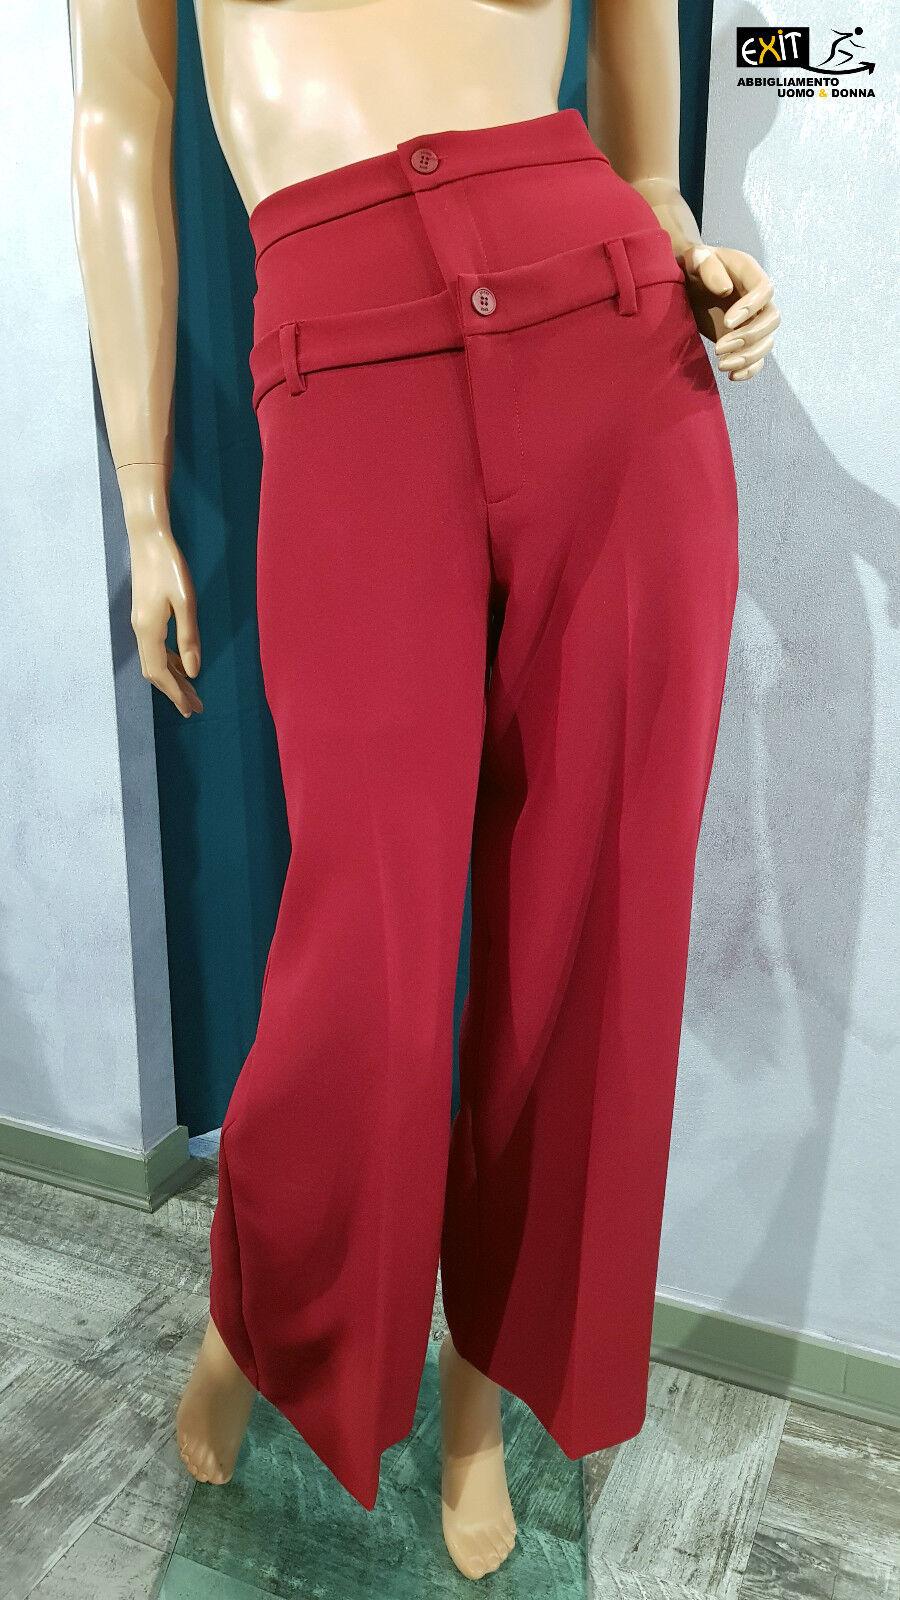 Denny rosa pantalone vita alta art. 821DD20002 821DD20002 821DD20002 collezione autunno-inverno 2018 e1726a